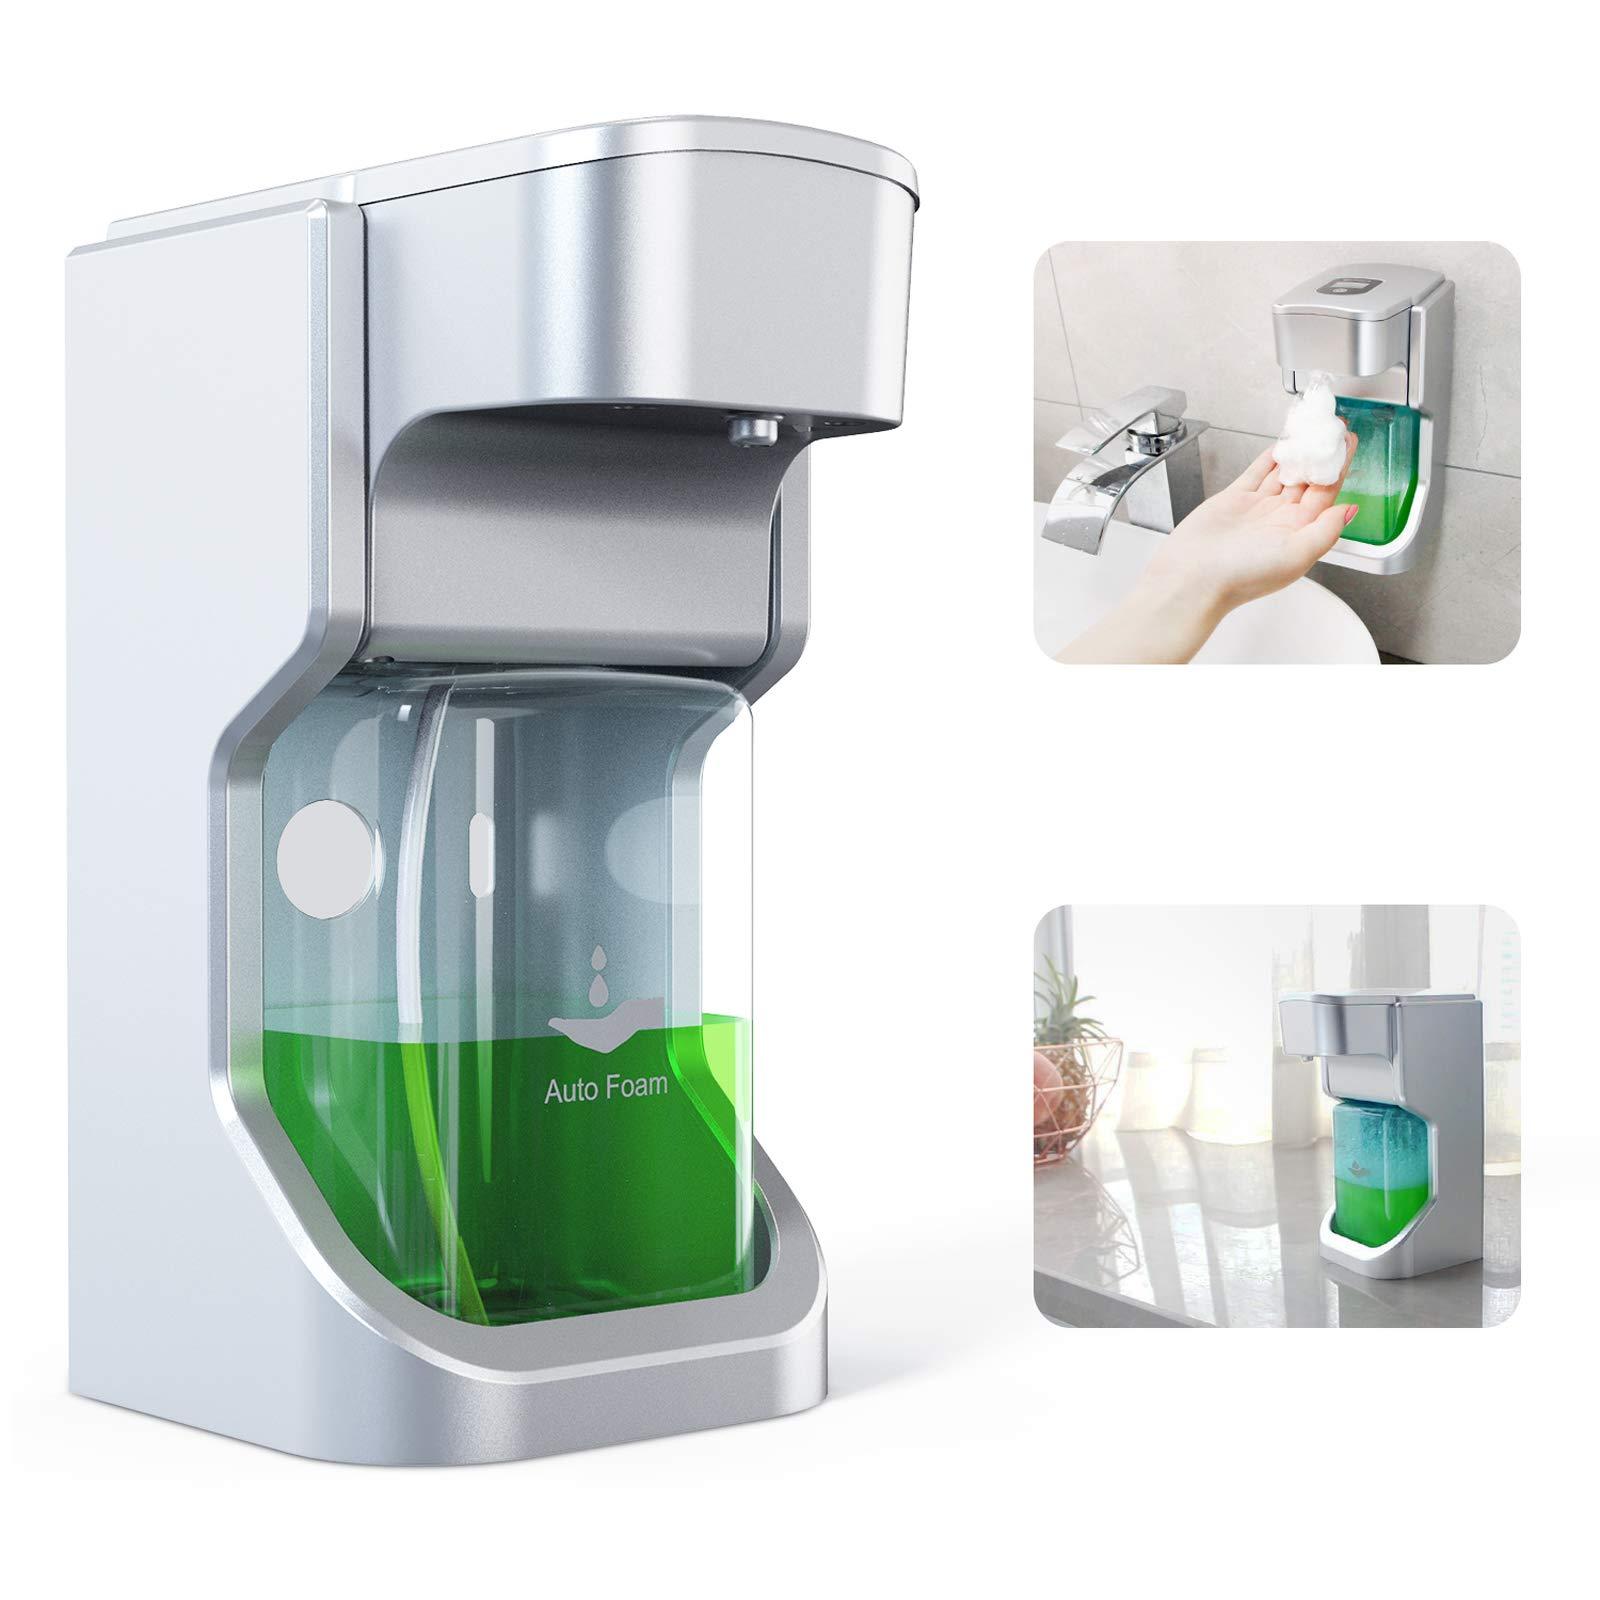 Automatic Soap Dispenser Foam Soap Dispense Touchless Bath Kitchen Countertop Soap Dispenser